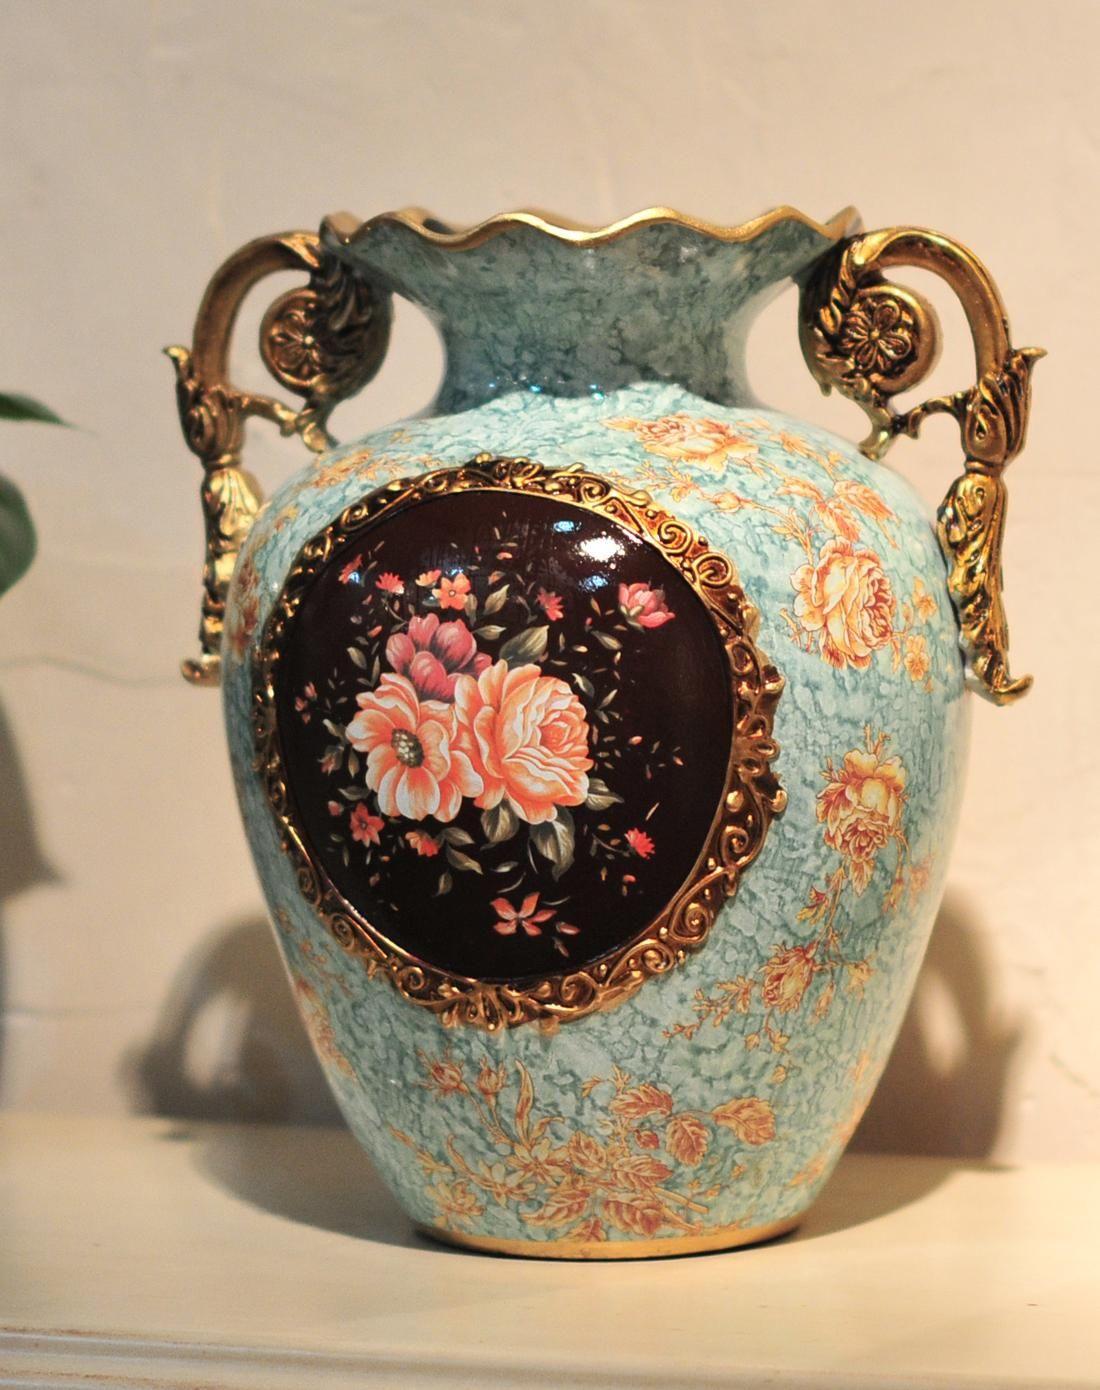 欧式宫廷彩绘陶瓷装饰花瓶